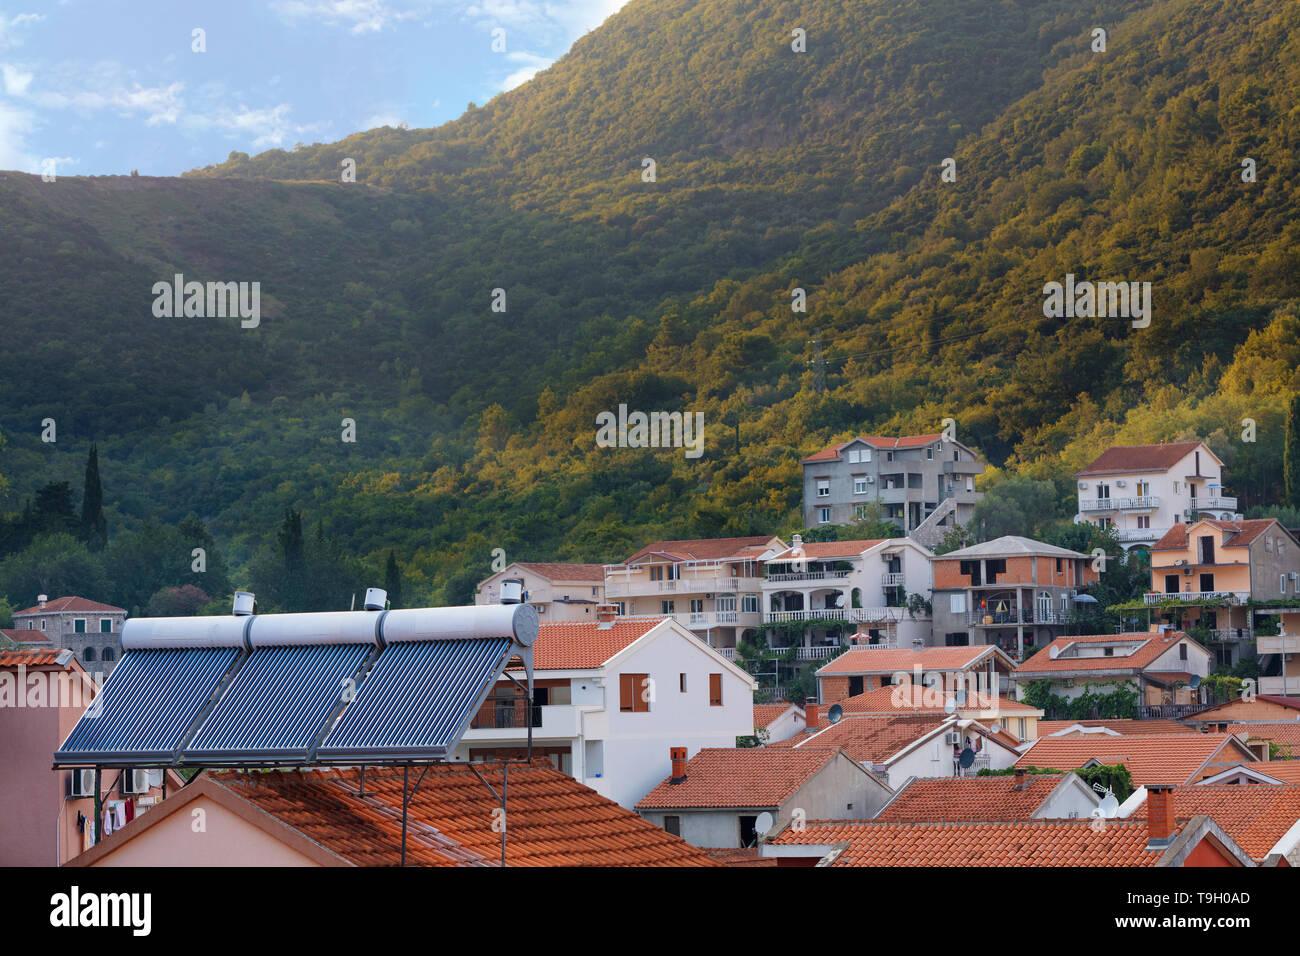 Moderne fonti di caloriferi di acqua solari sono installati sulla piastrella arancione del tetto della casa sullo sfondo di un paesaggio di montagna in Montenegro Immagini Stock